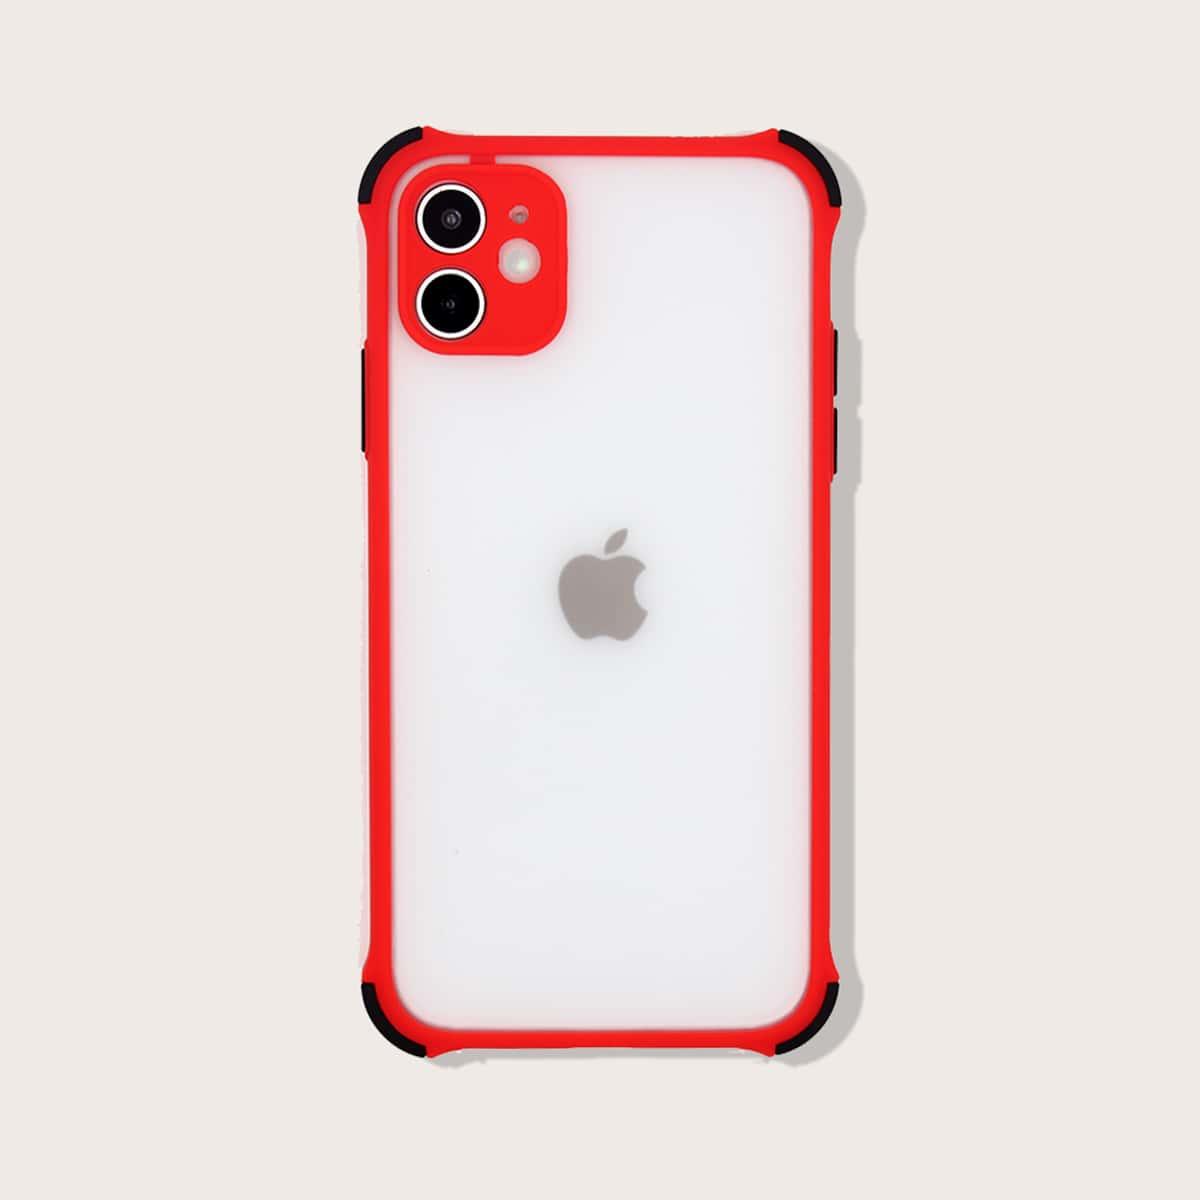 1шт чехол для iPhone с контрастной рамкой фото